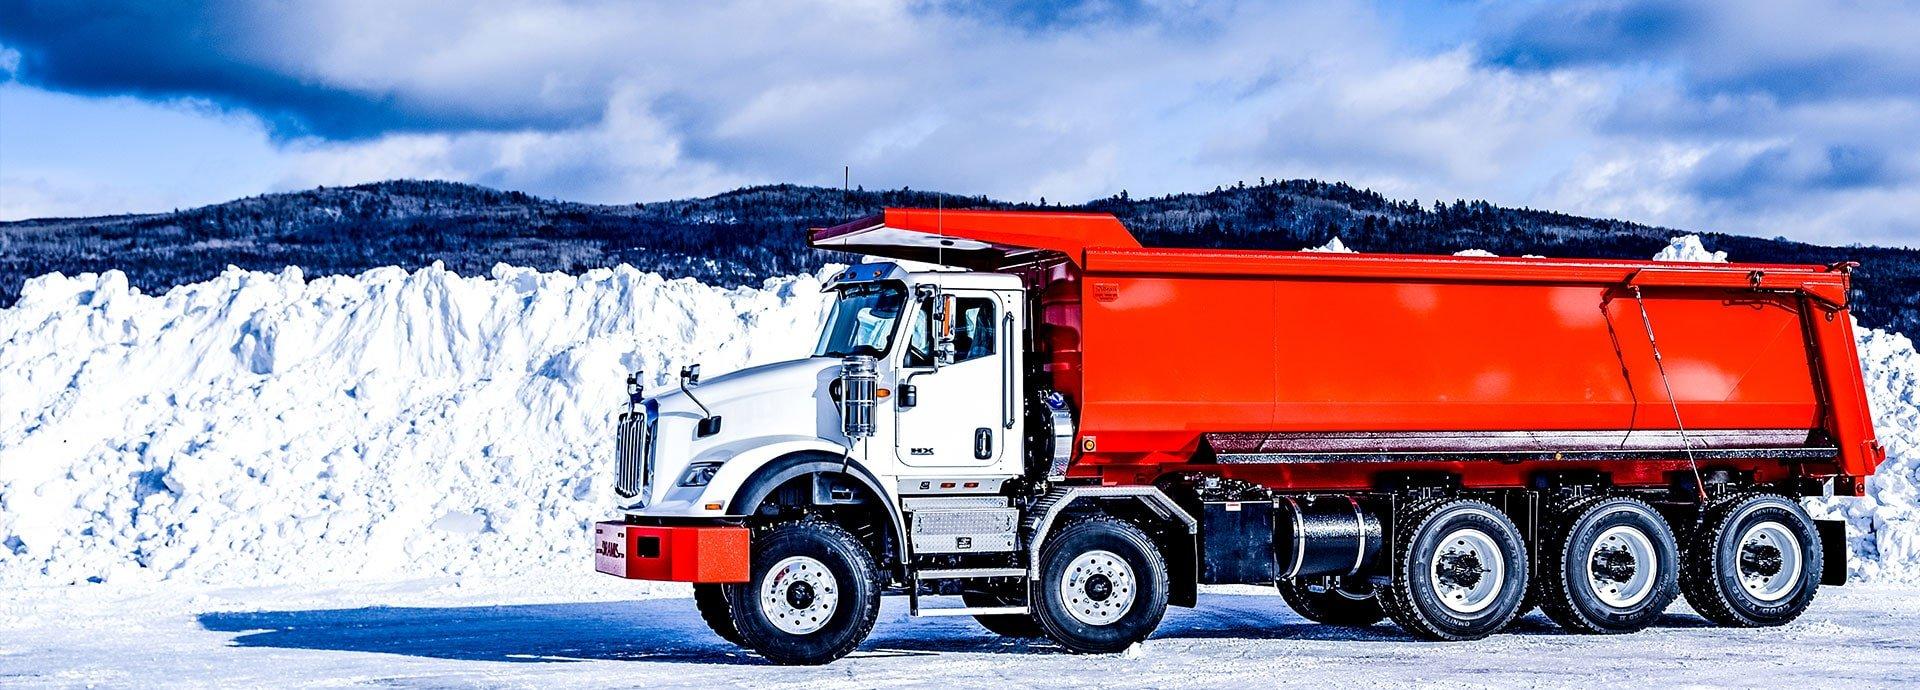 علتها و روشهای جلوگیری از تصادفات کامیونداران -قسمت اول